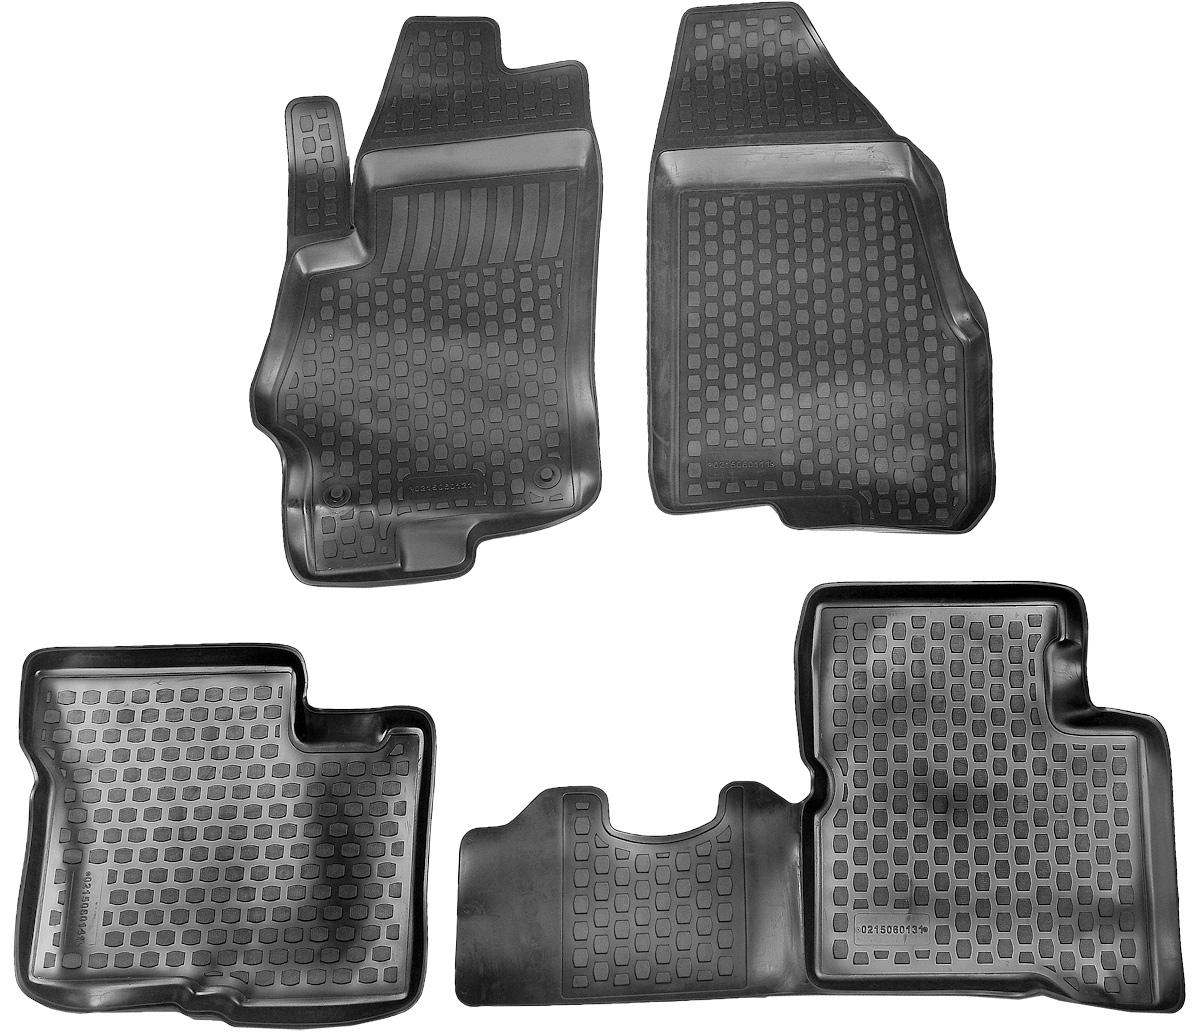 Коврик в салон автомобиля L.Locker, для SsangYong (13-), 4 шт0218060101Коврики L.Locker производятся индивидуально для каждой модели автомобиля из современного и экологически чистого материала. Изделия точно повторяют геометрию пола автомобиля, имеют высокий борт, обладают повышенной износоустойчивостью, антискользящими свойствами, лишены резкого запаха и сохраняют свои потребительские свойства в широком диапазоне температур (от -50°С до +80°С). Рисунок ковриков специально спроектирован для уменьшения скольжения ног водителя и имеет достаточную глубину, препятствующую свободному перемещению жидкости и грязи на поверхности. Одновременно с этим рисунок не создает дискомфорта при вождении автомобиля. Водительский ковер с предустановленными креплениями фиксируется на штатные места в полу салона автомобиля. Новая технология системы креплений герметична, не дает влаге и грязи проникать внутрь через крепеж на обшивку пола.